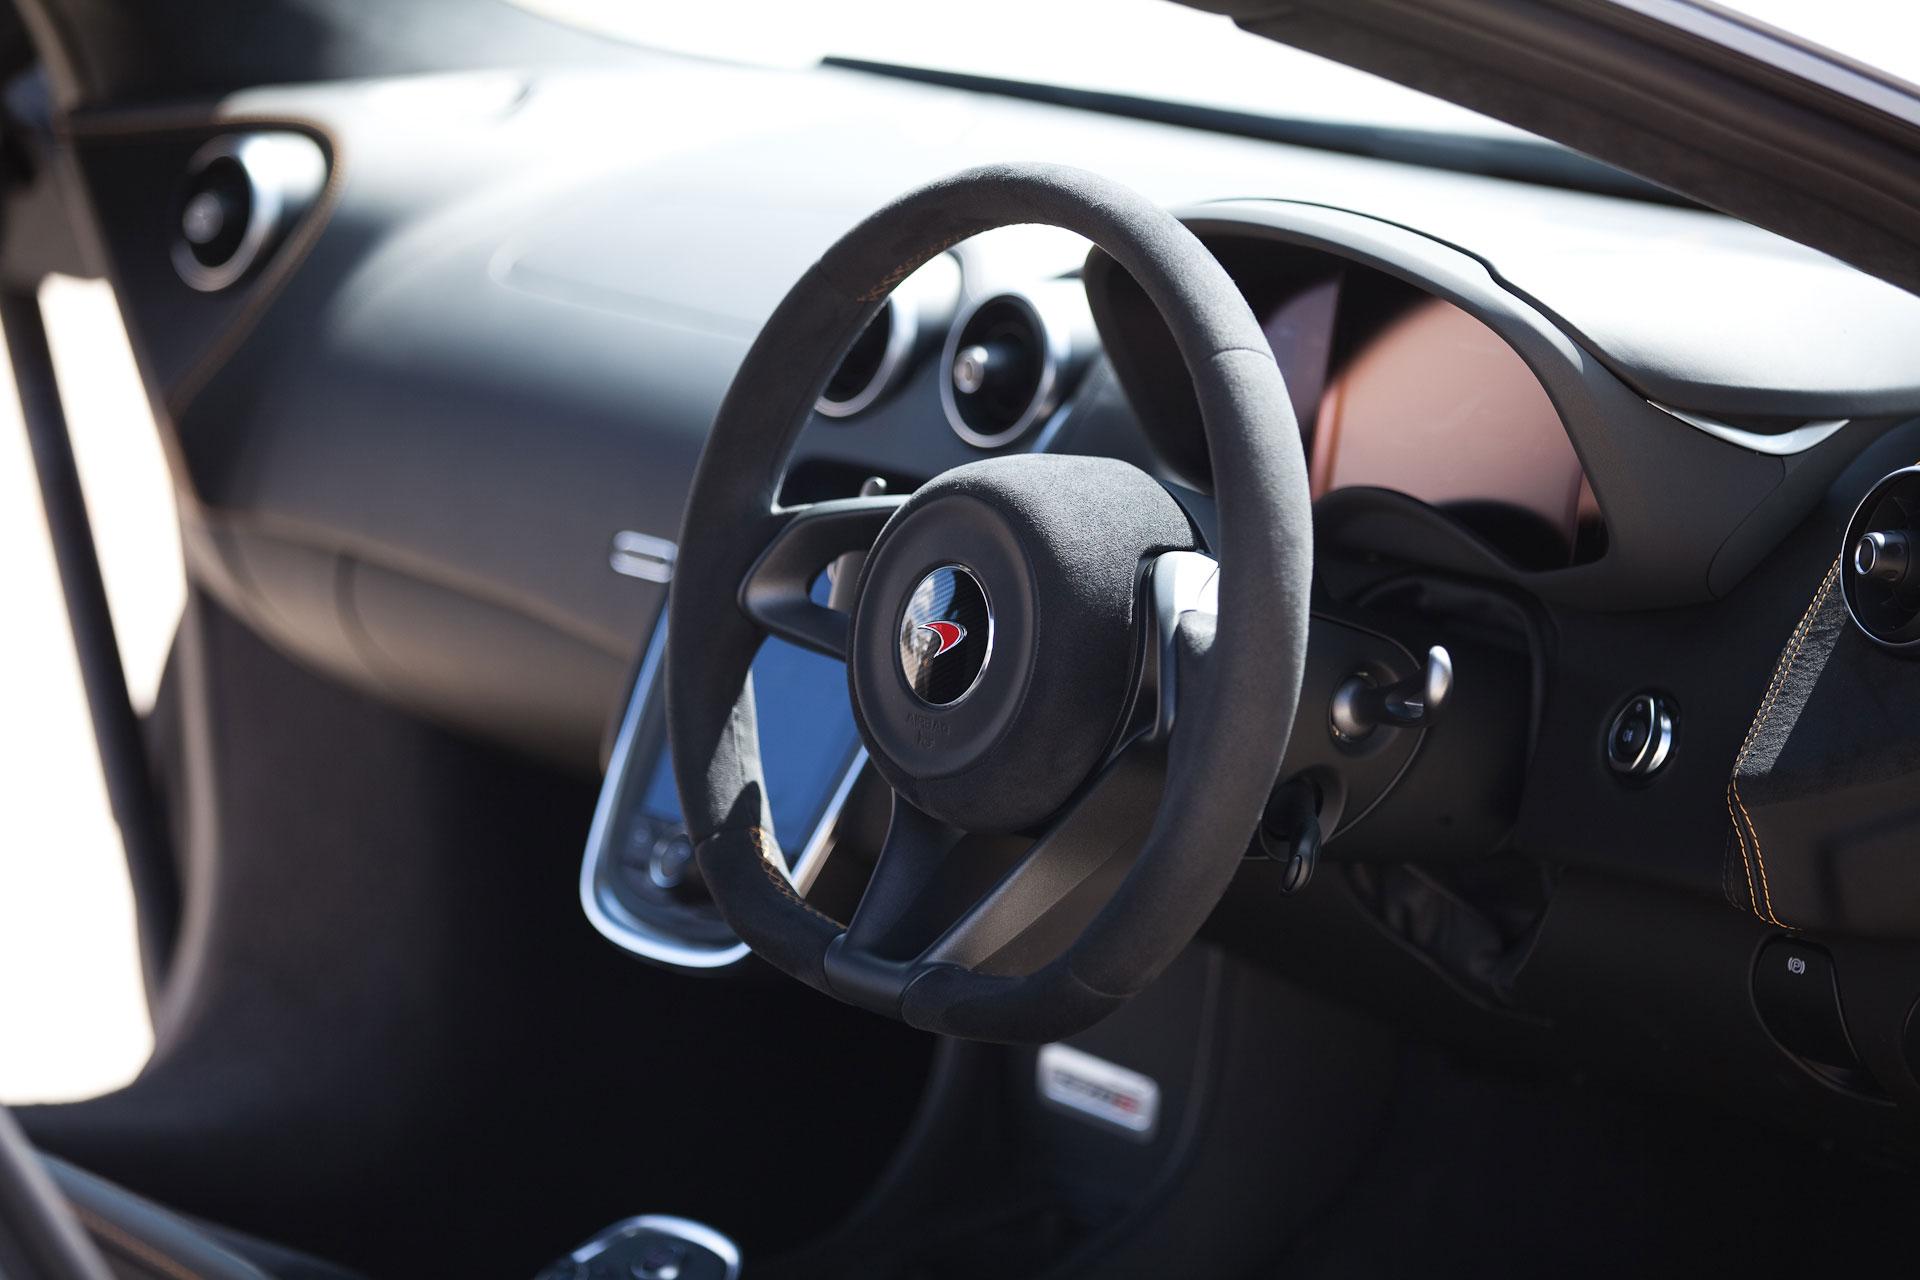 mclaren-570s-steering-wheel